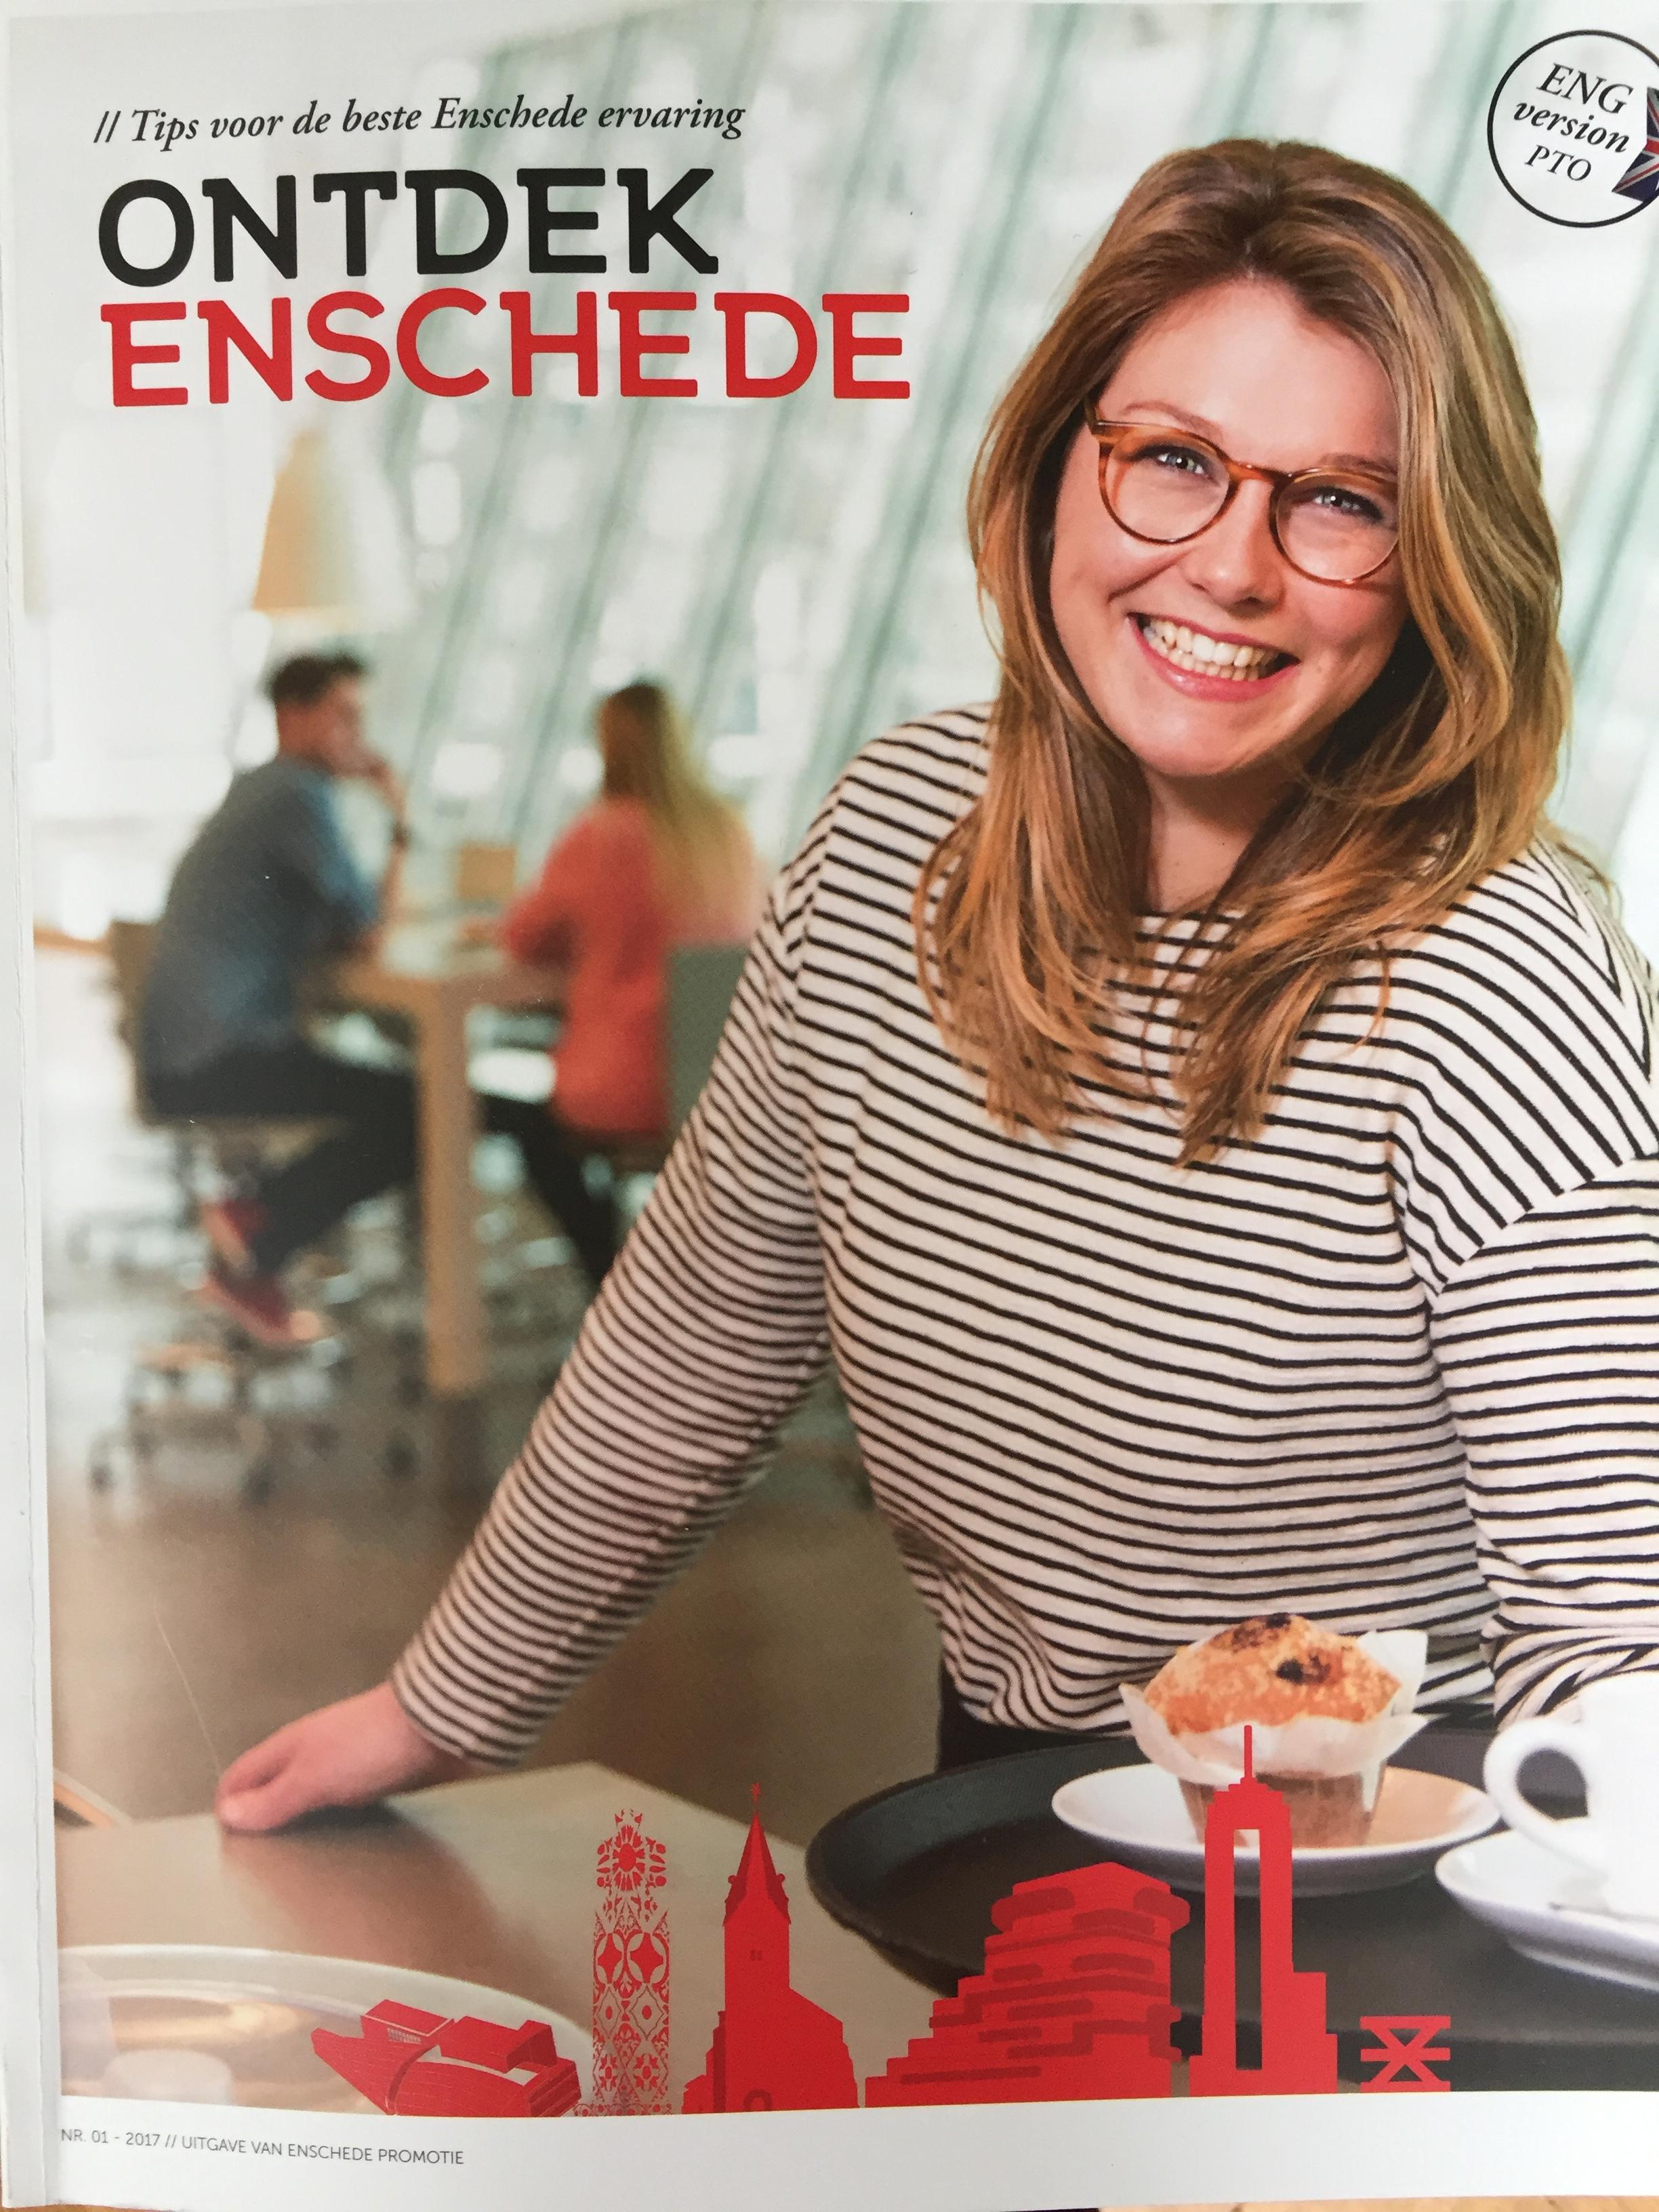 Ontdek Enschede